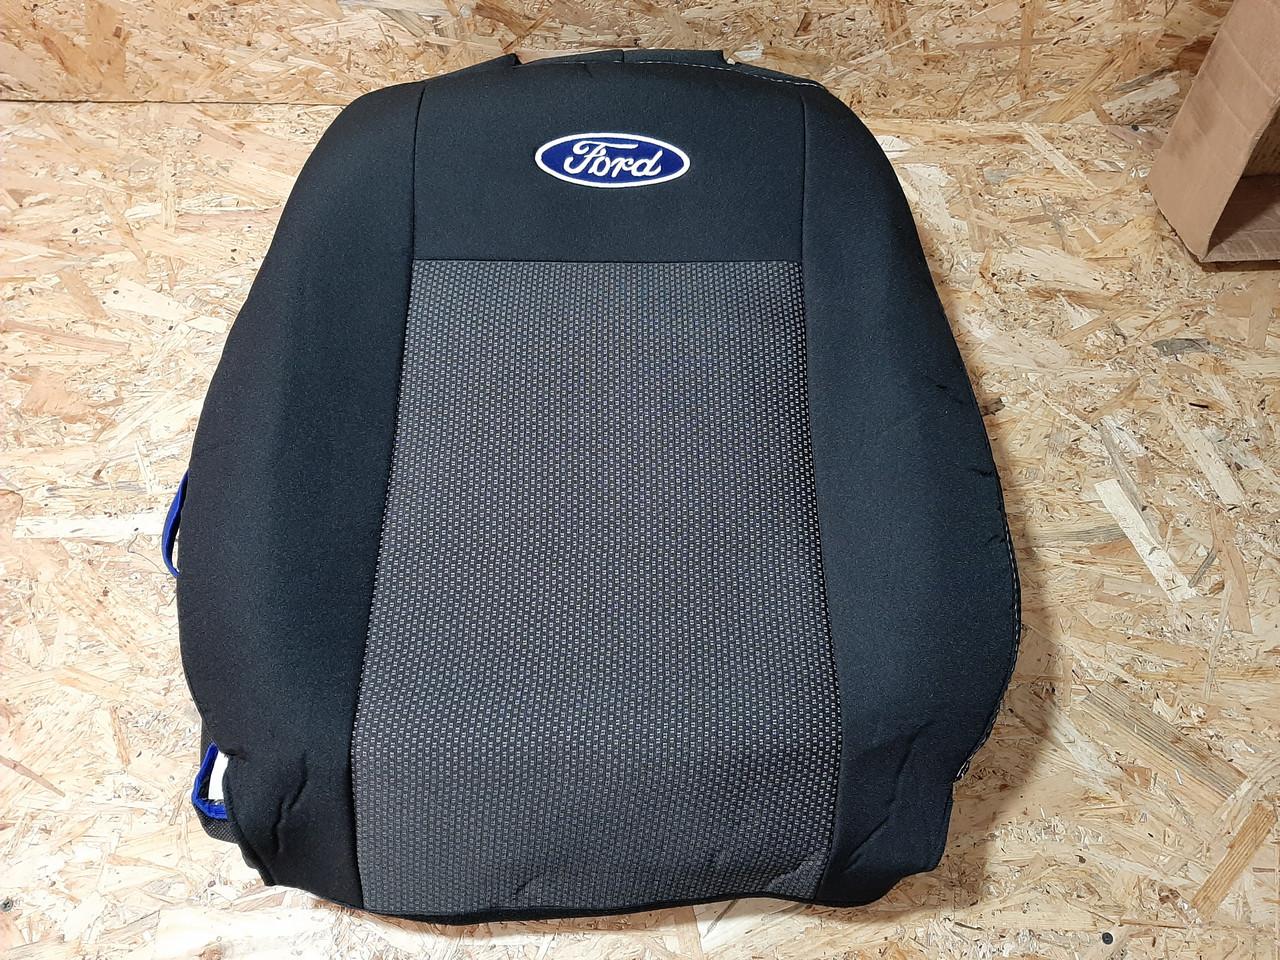 """Автомобильные чехлы на Ford Tourneo Custom (8 мест) 2013- / авто чехлы Форд Торнео Кустом """"EMC Elegant"""""""